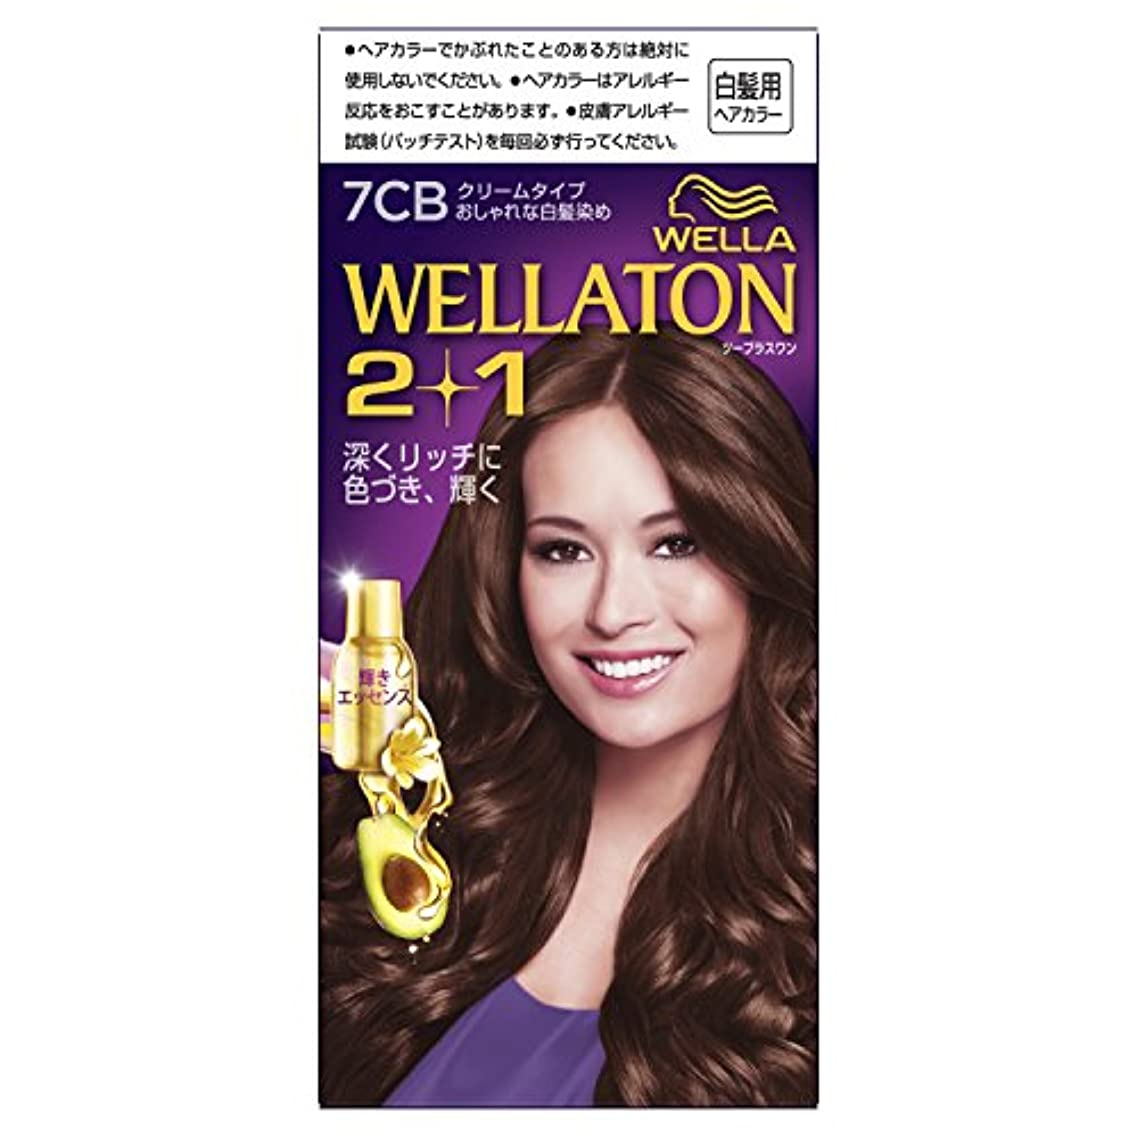 振り子南主流ウエラトーン2+1 クリームタイプ 7CB [医薬部外品](おしゃれな白髪染め)